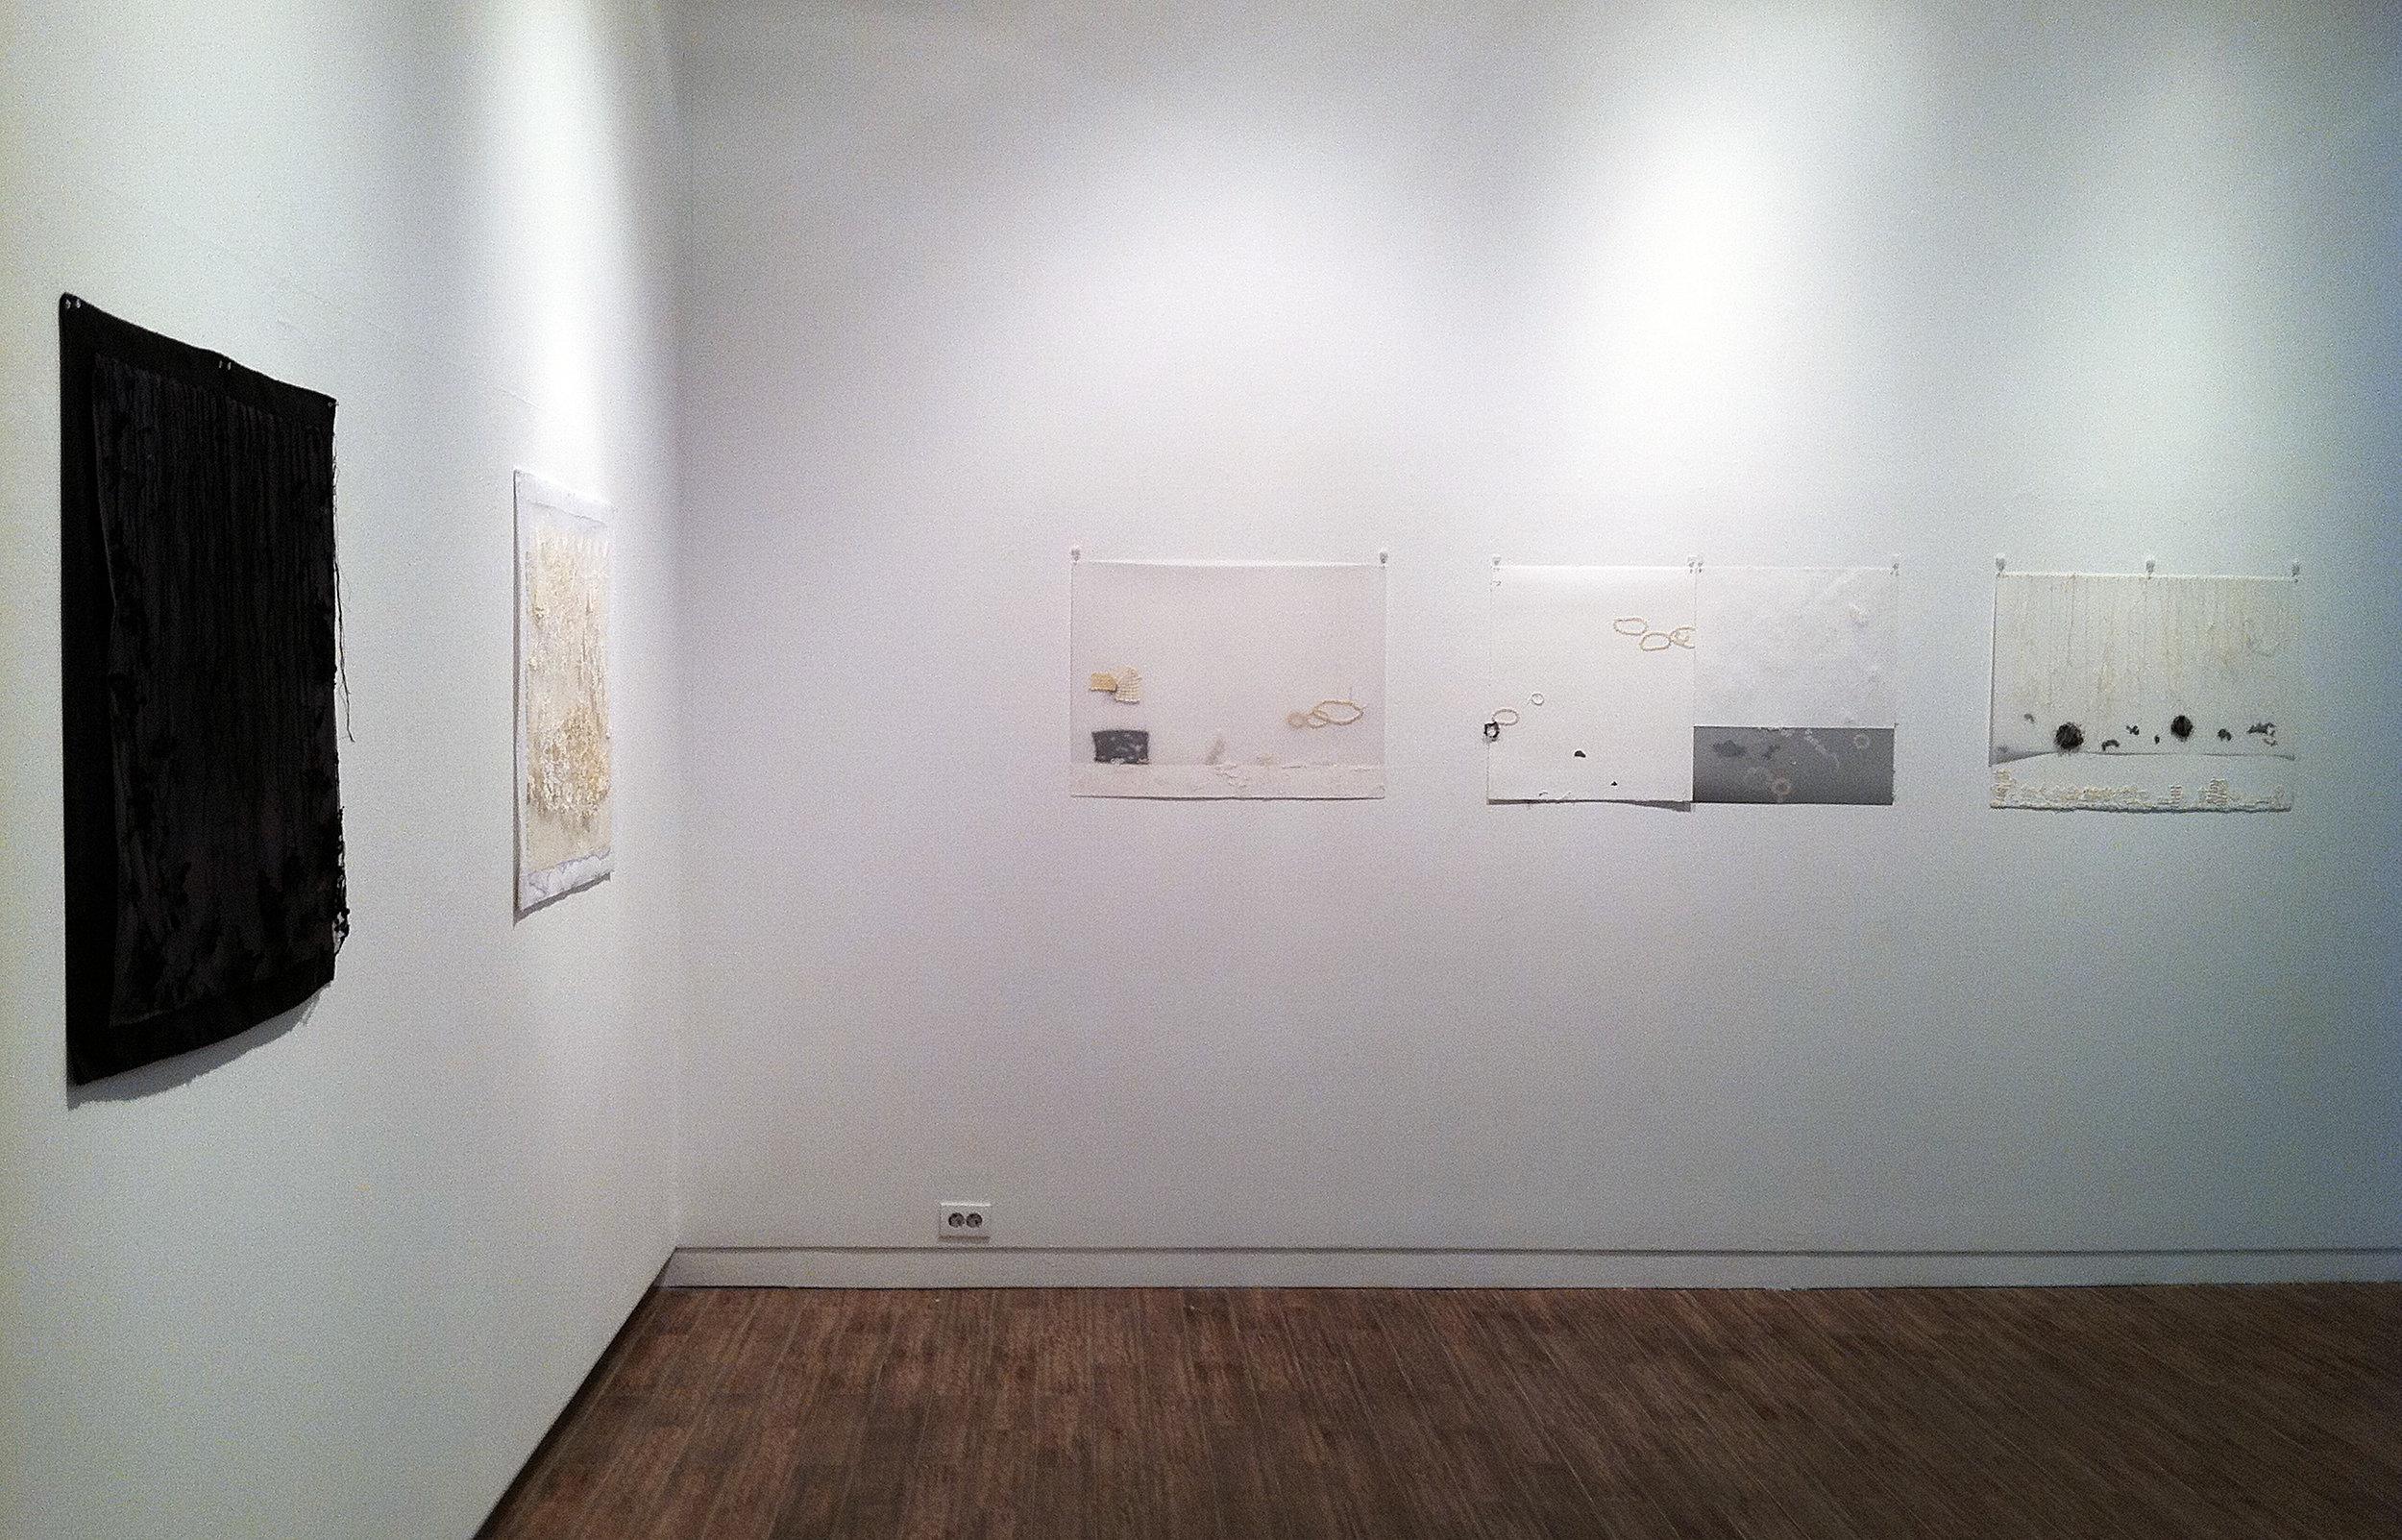 exhibition view, Seoul, Korea